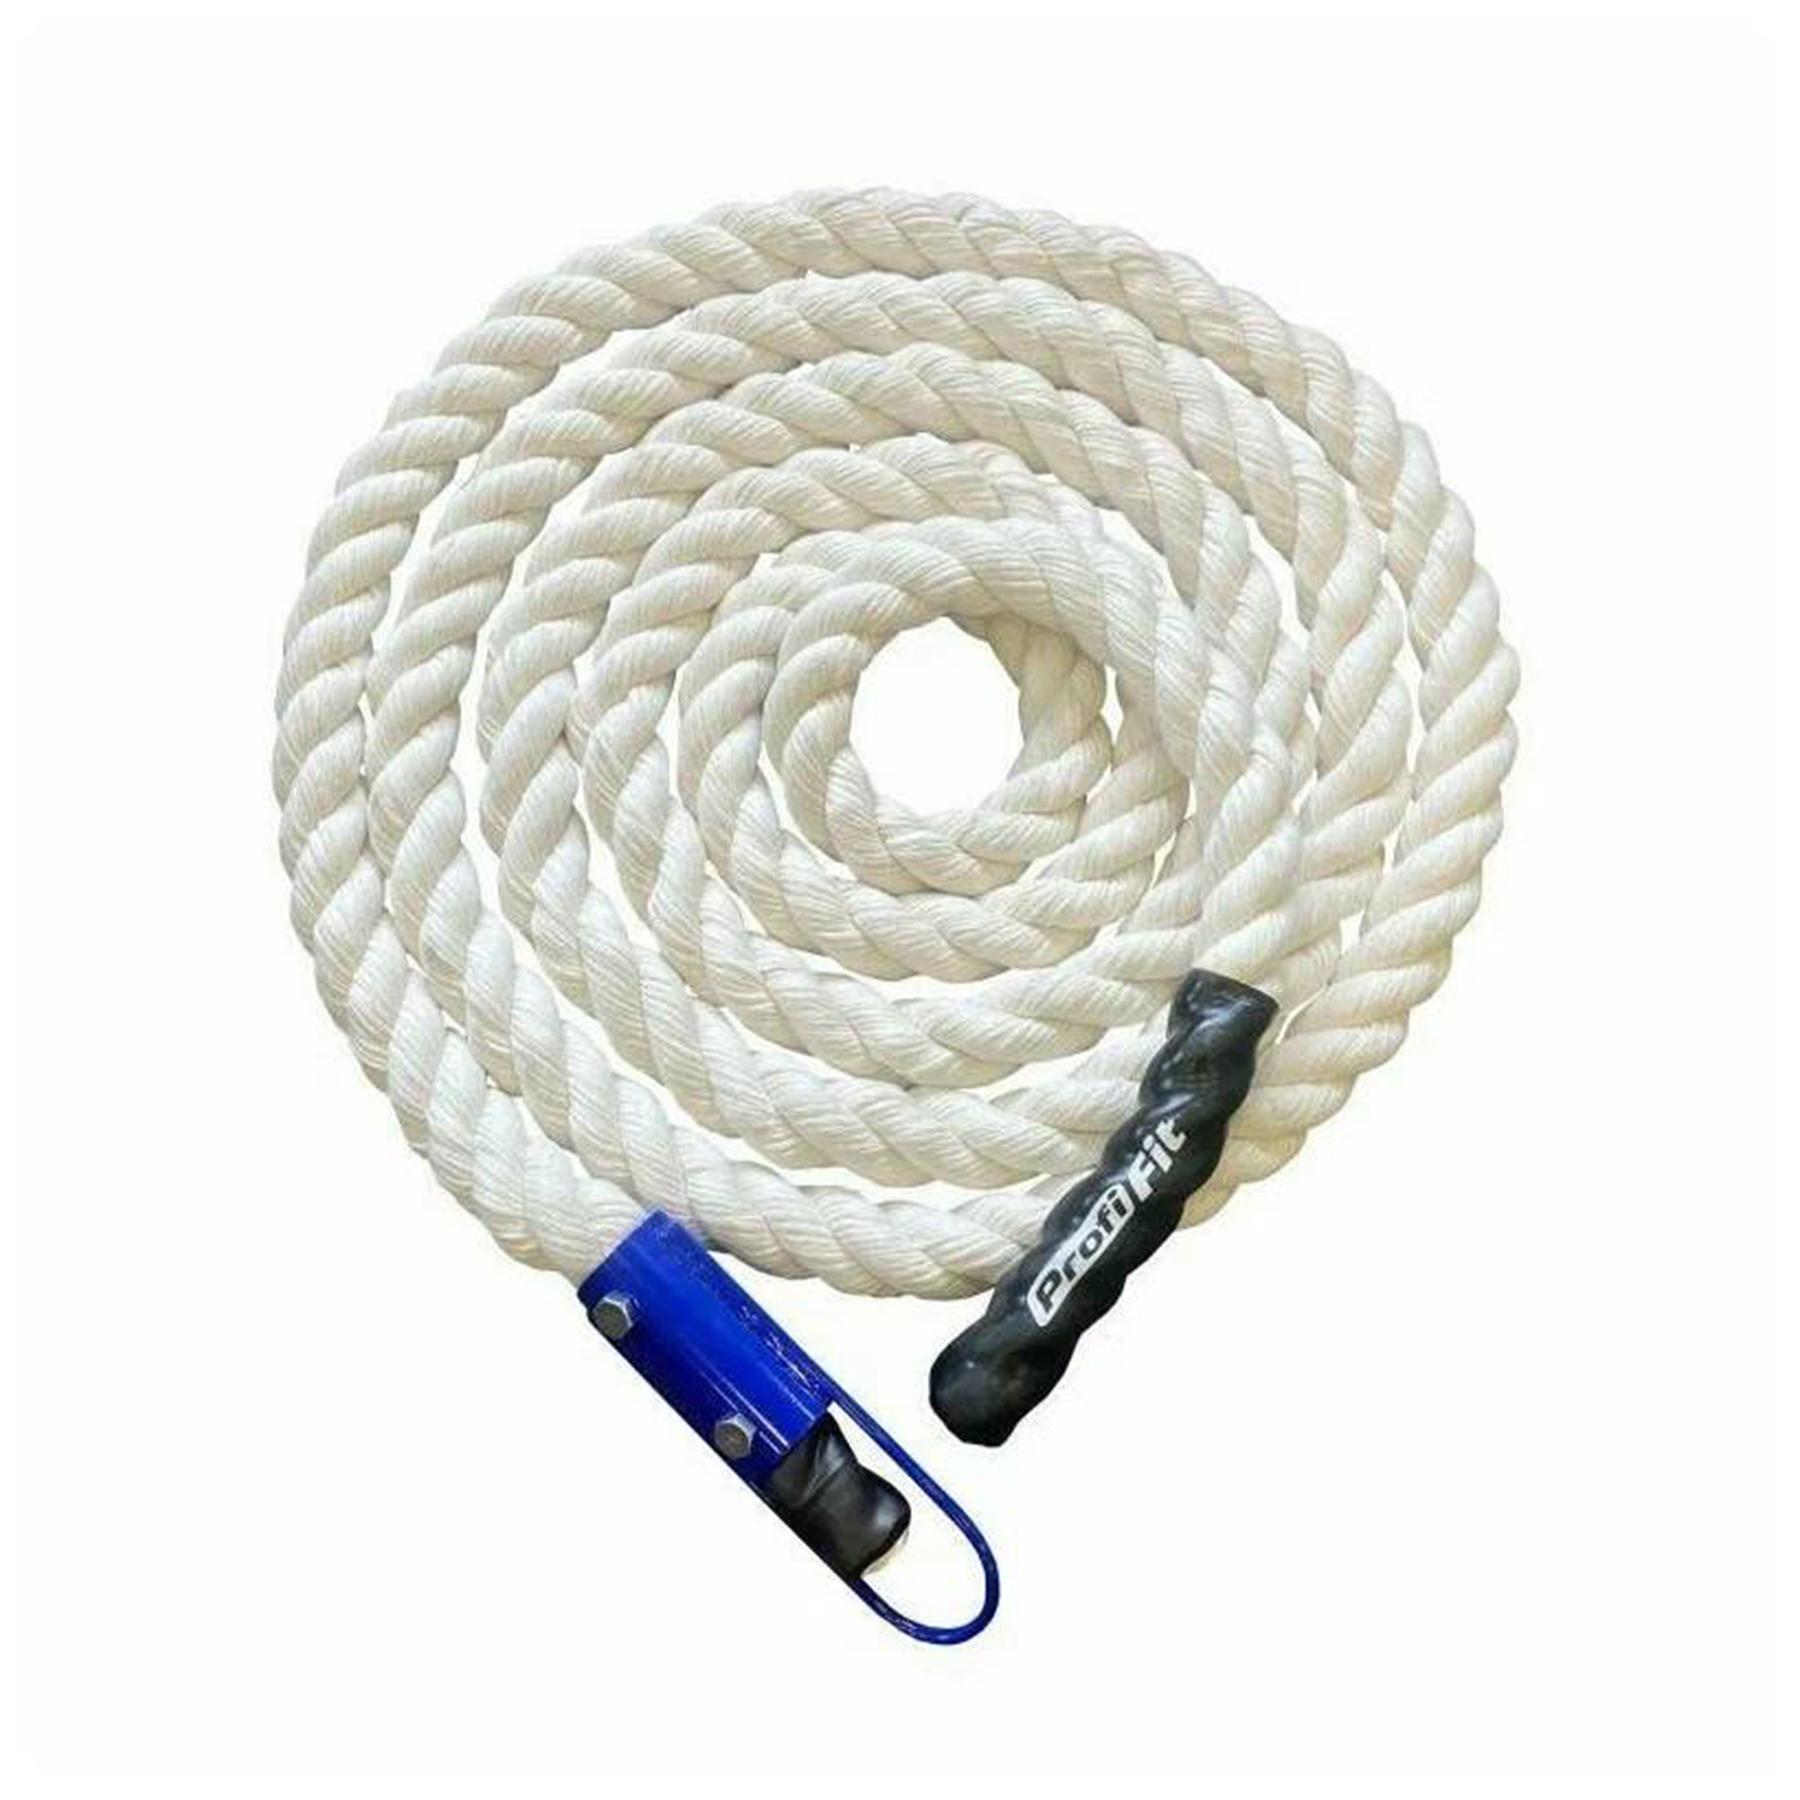 Канат х/б 2,2м d=30мм с крепежным стаканом и крюком